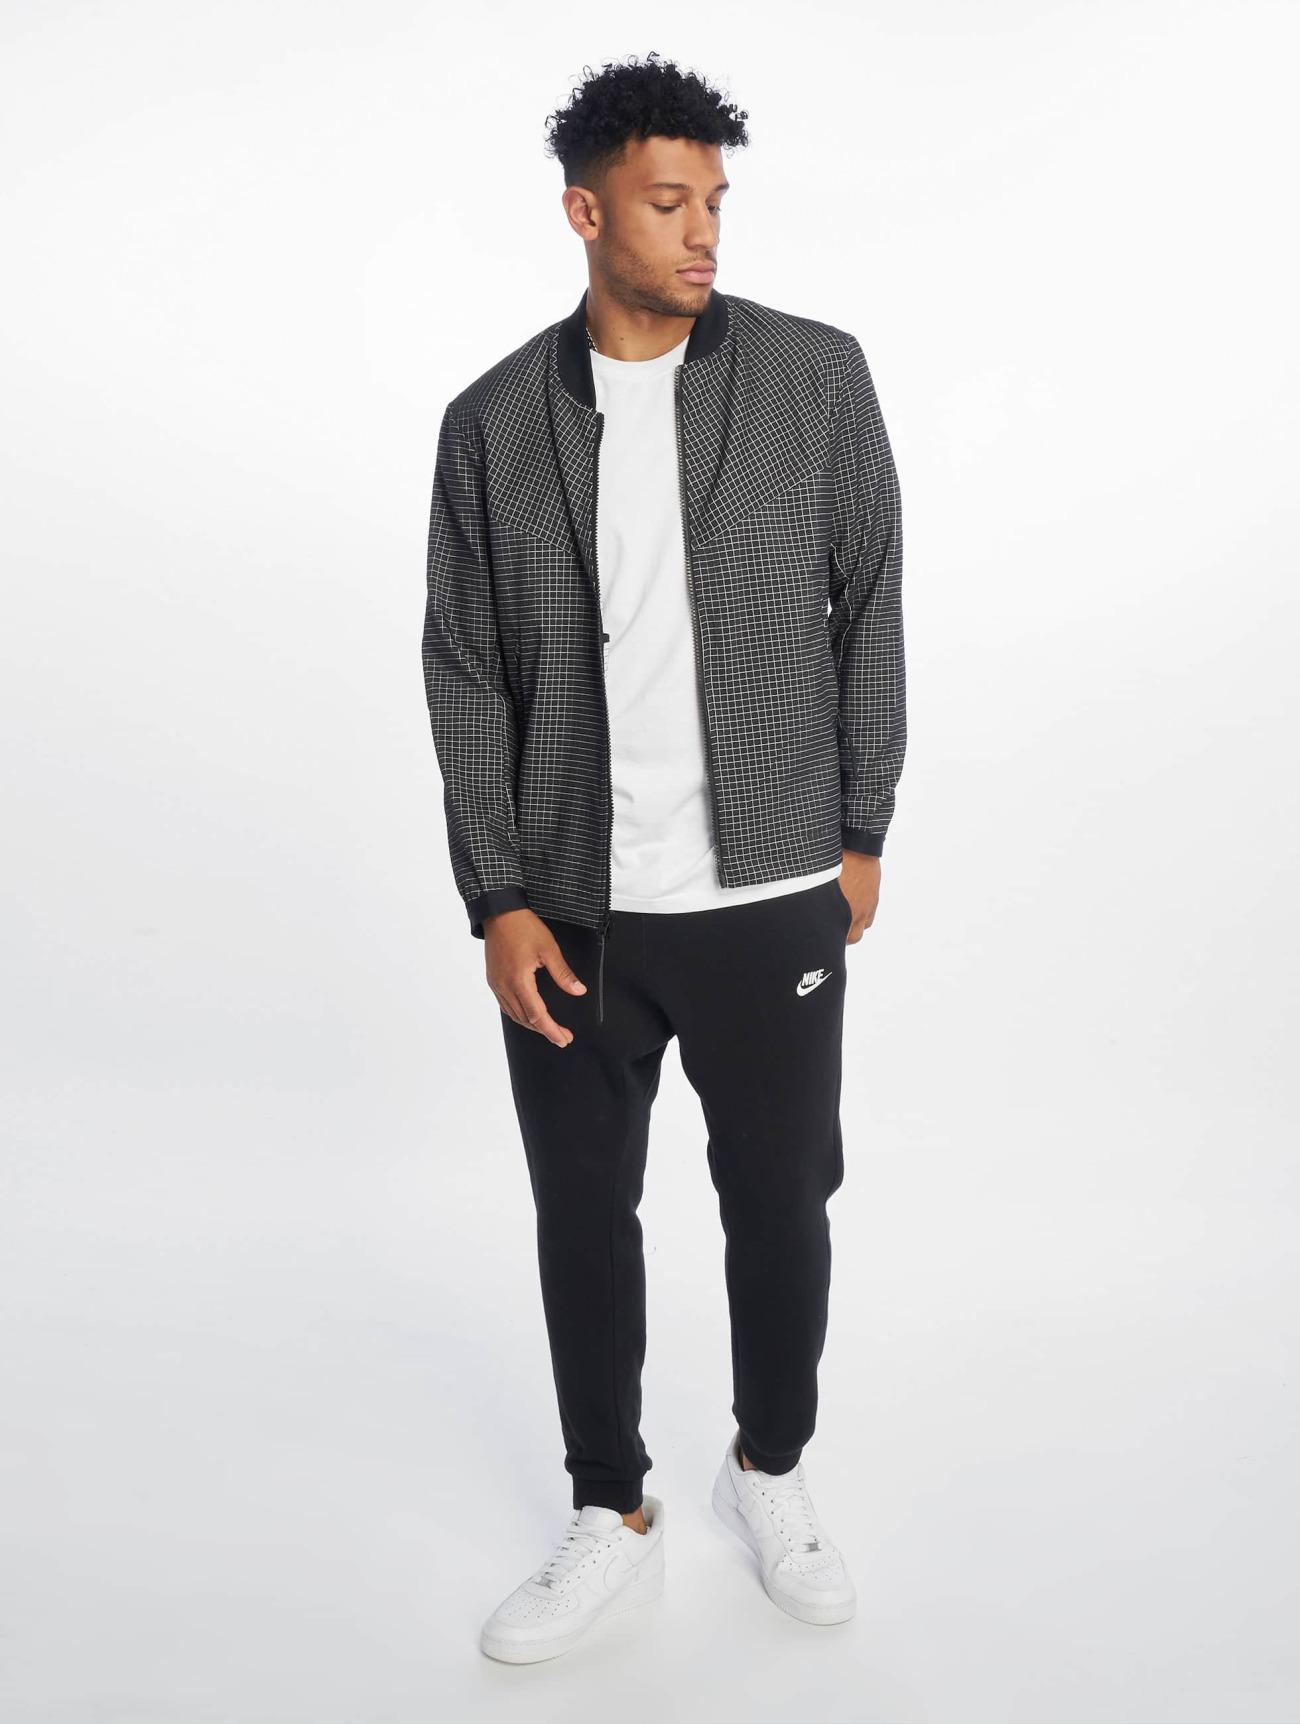 Nike Jackor / Övergångsjackor Tech Pack Grid i svart 662466 Män Jackor